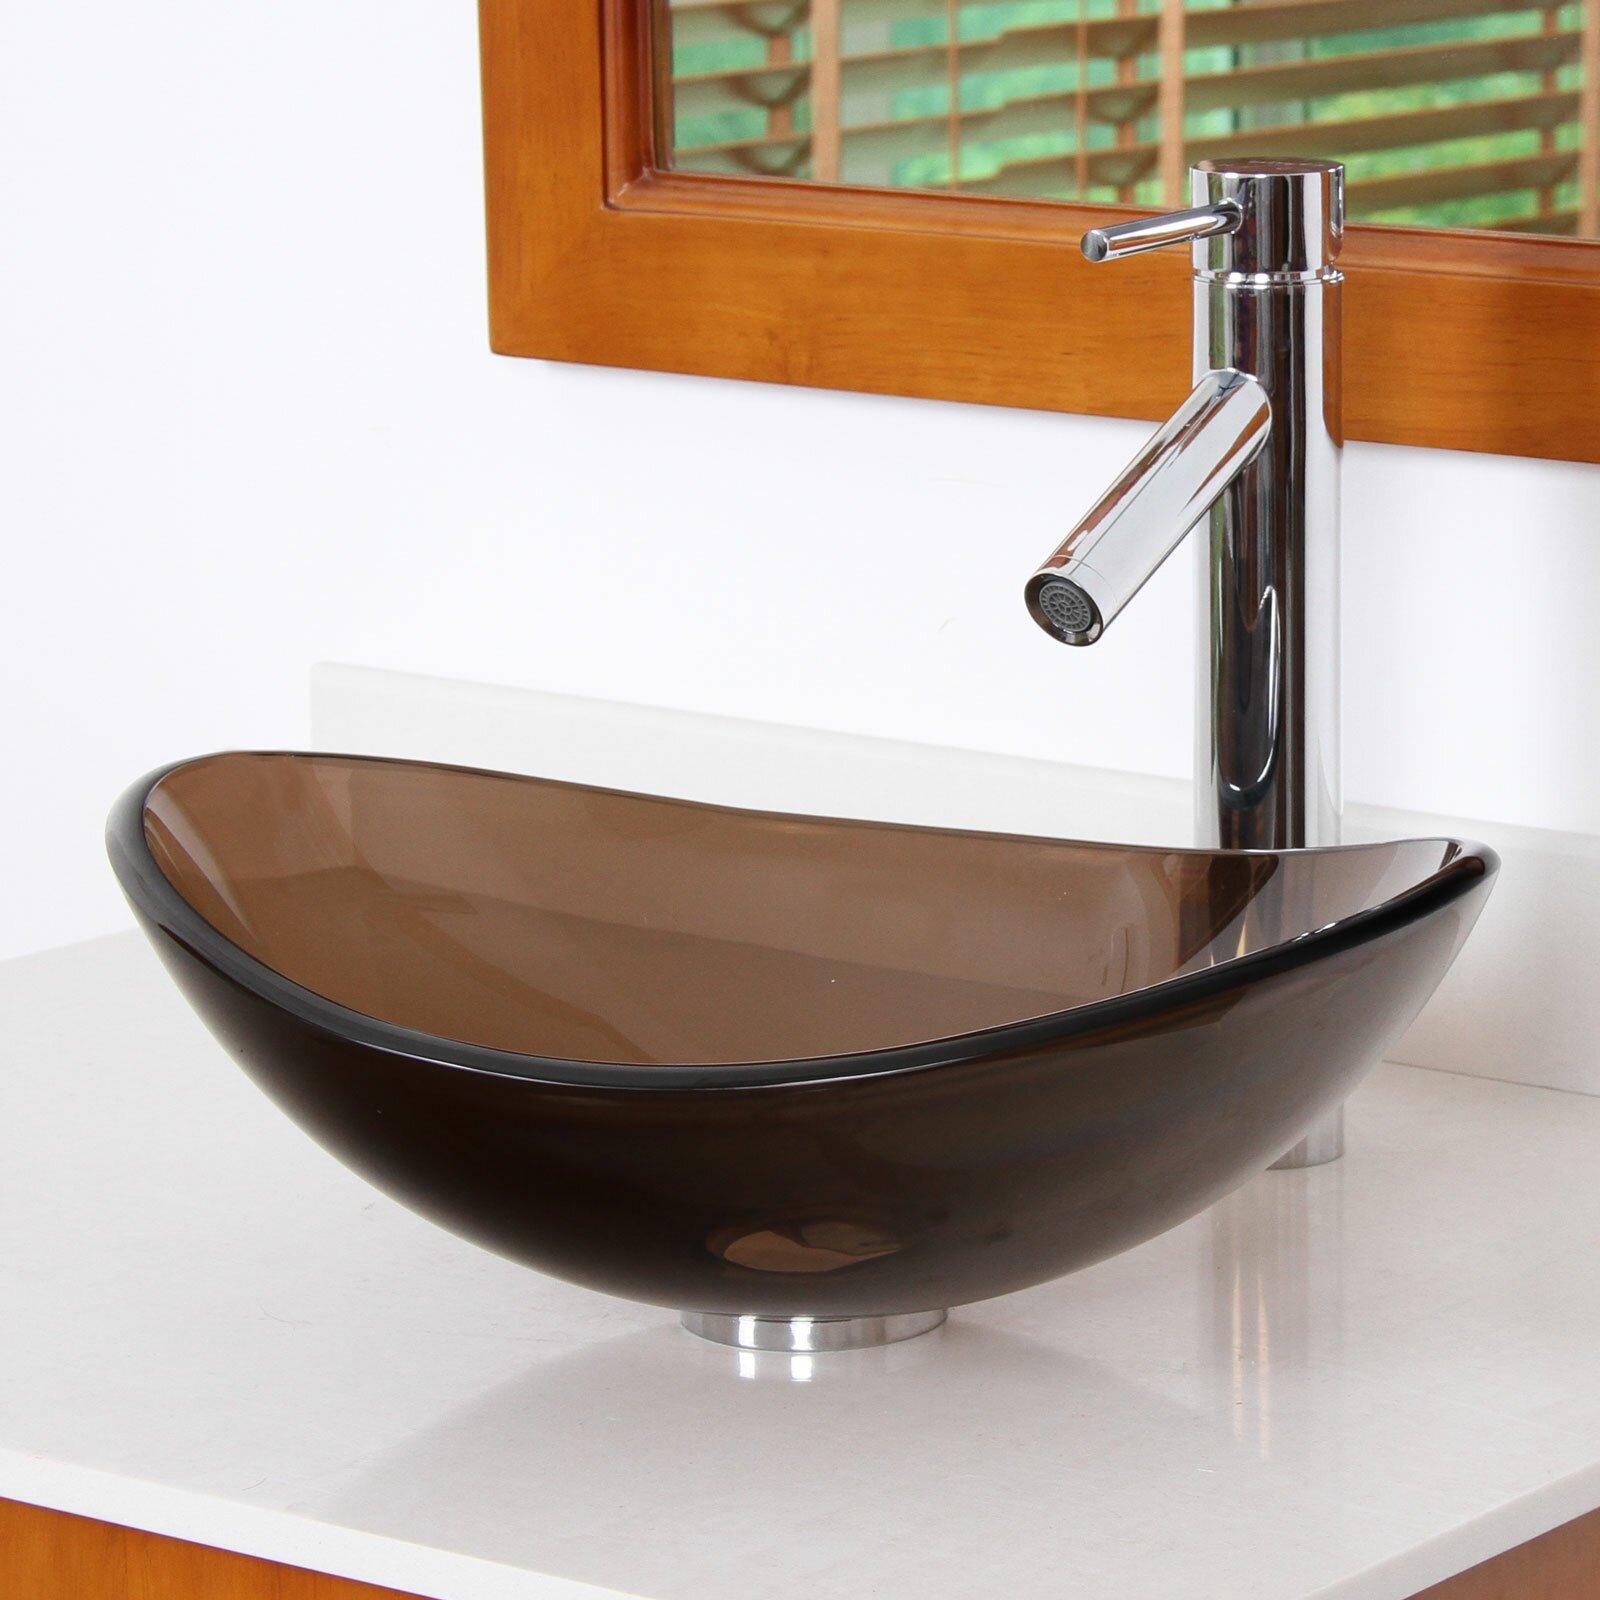 Oval Glass Vessel Sink : Elite Tempered Glass Boat Shaped Oval Bottom Bowl Vessel Bathroom Sink ...